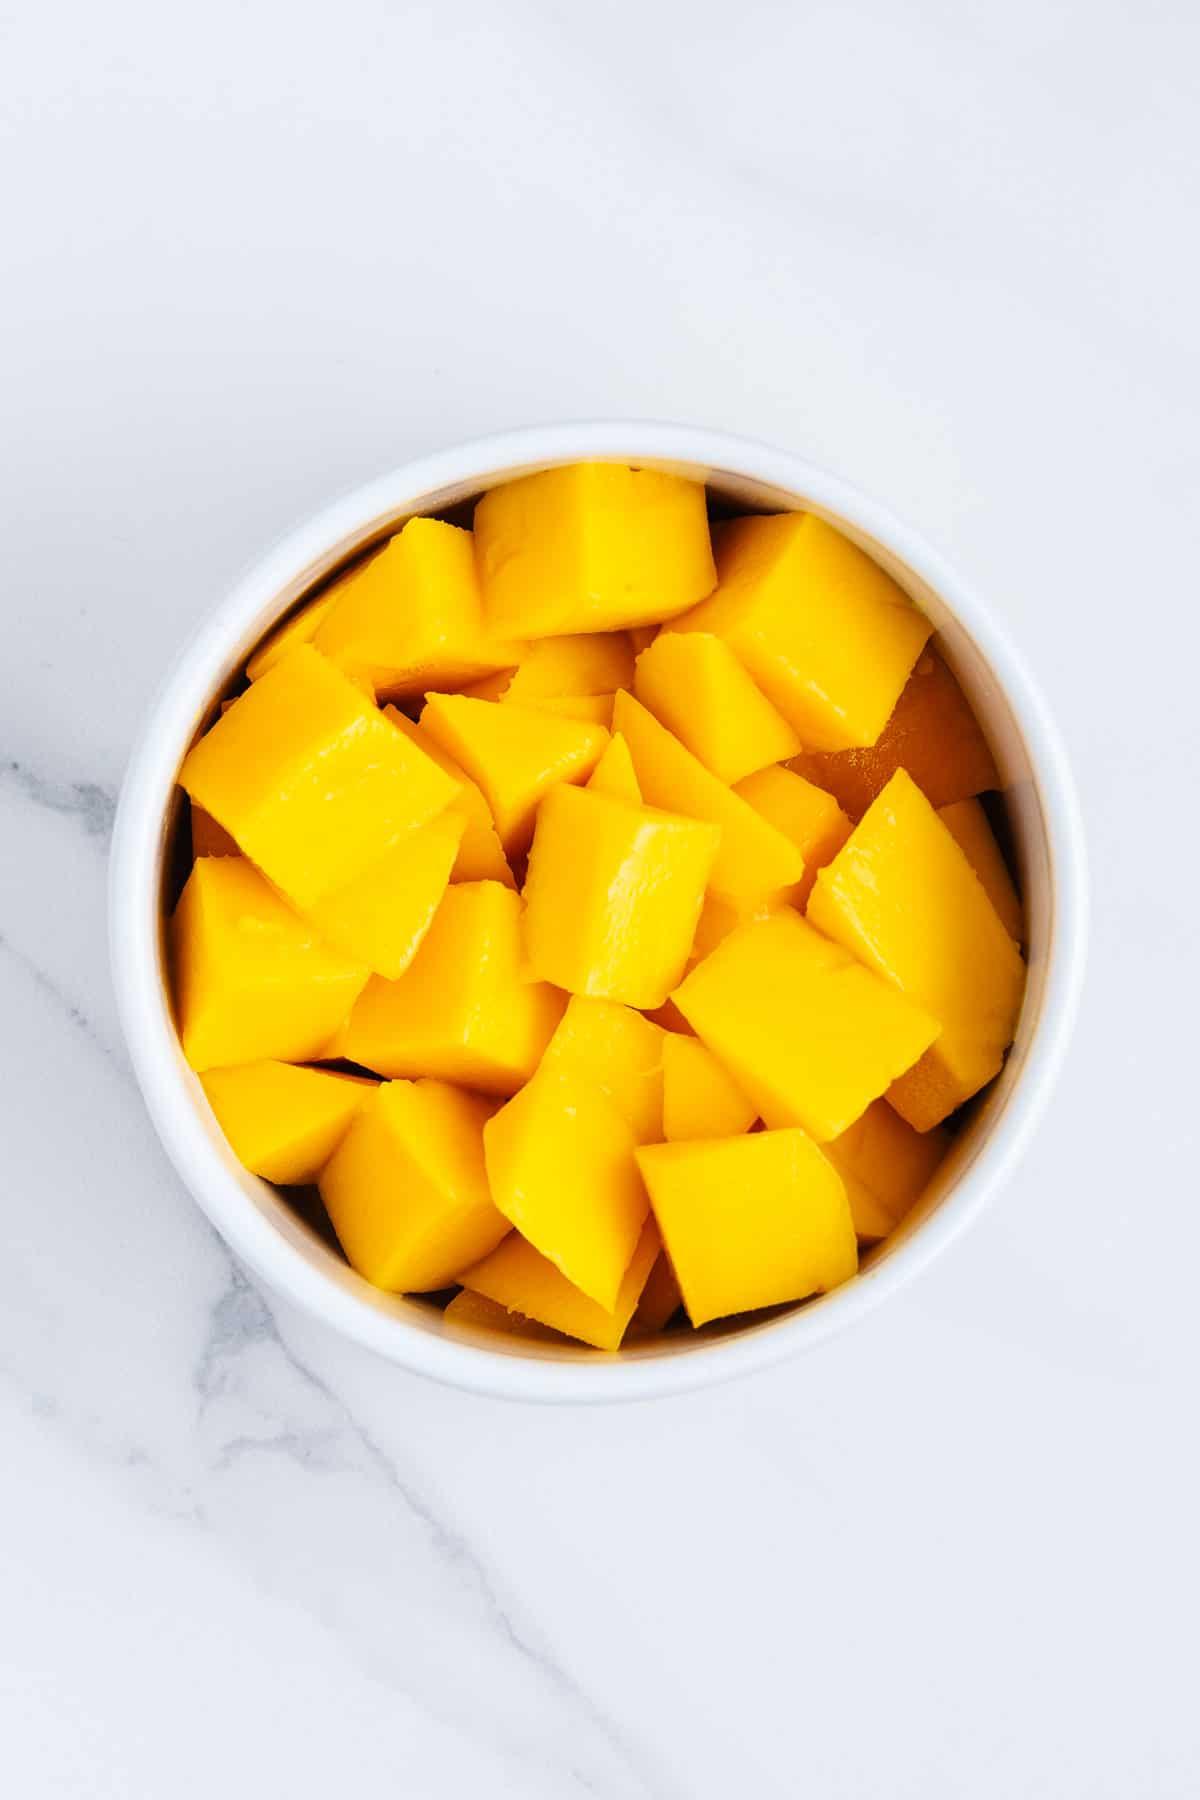 Bowl of Mango Chunks